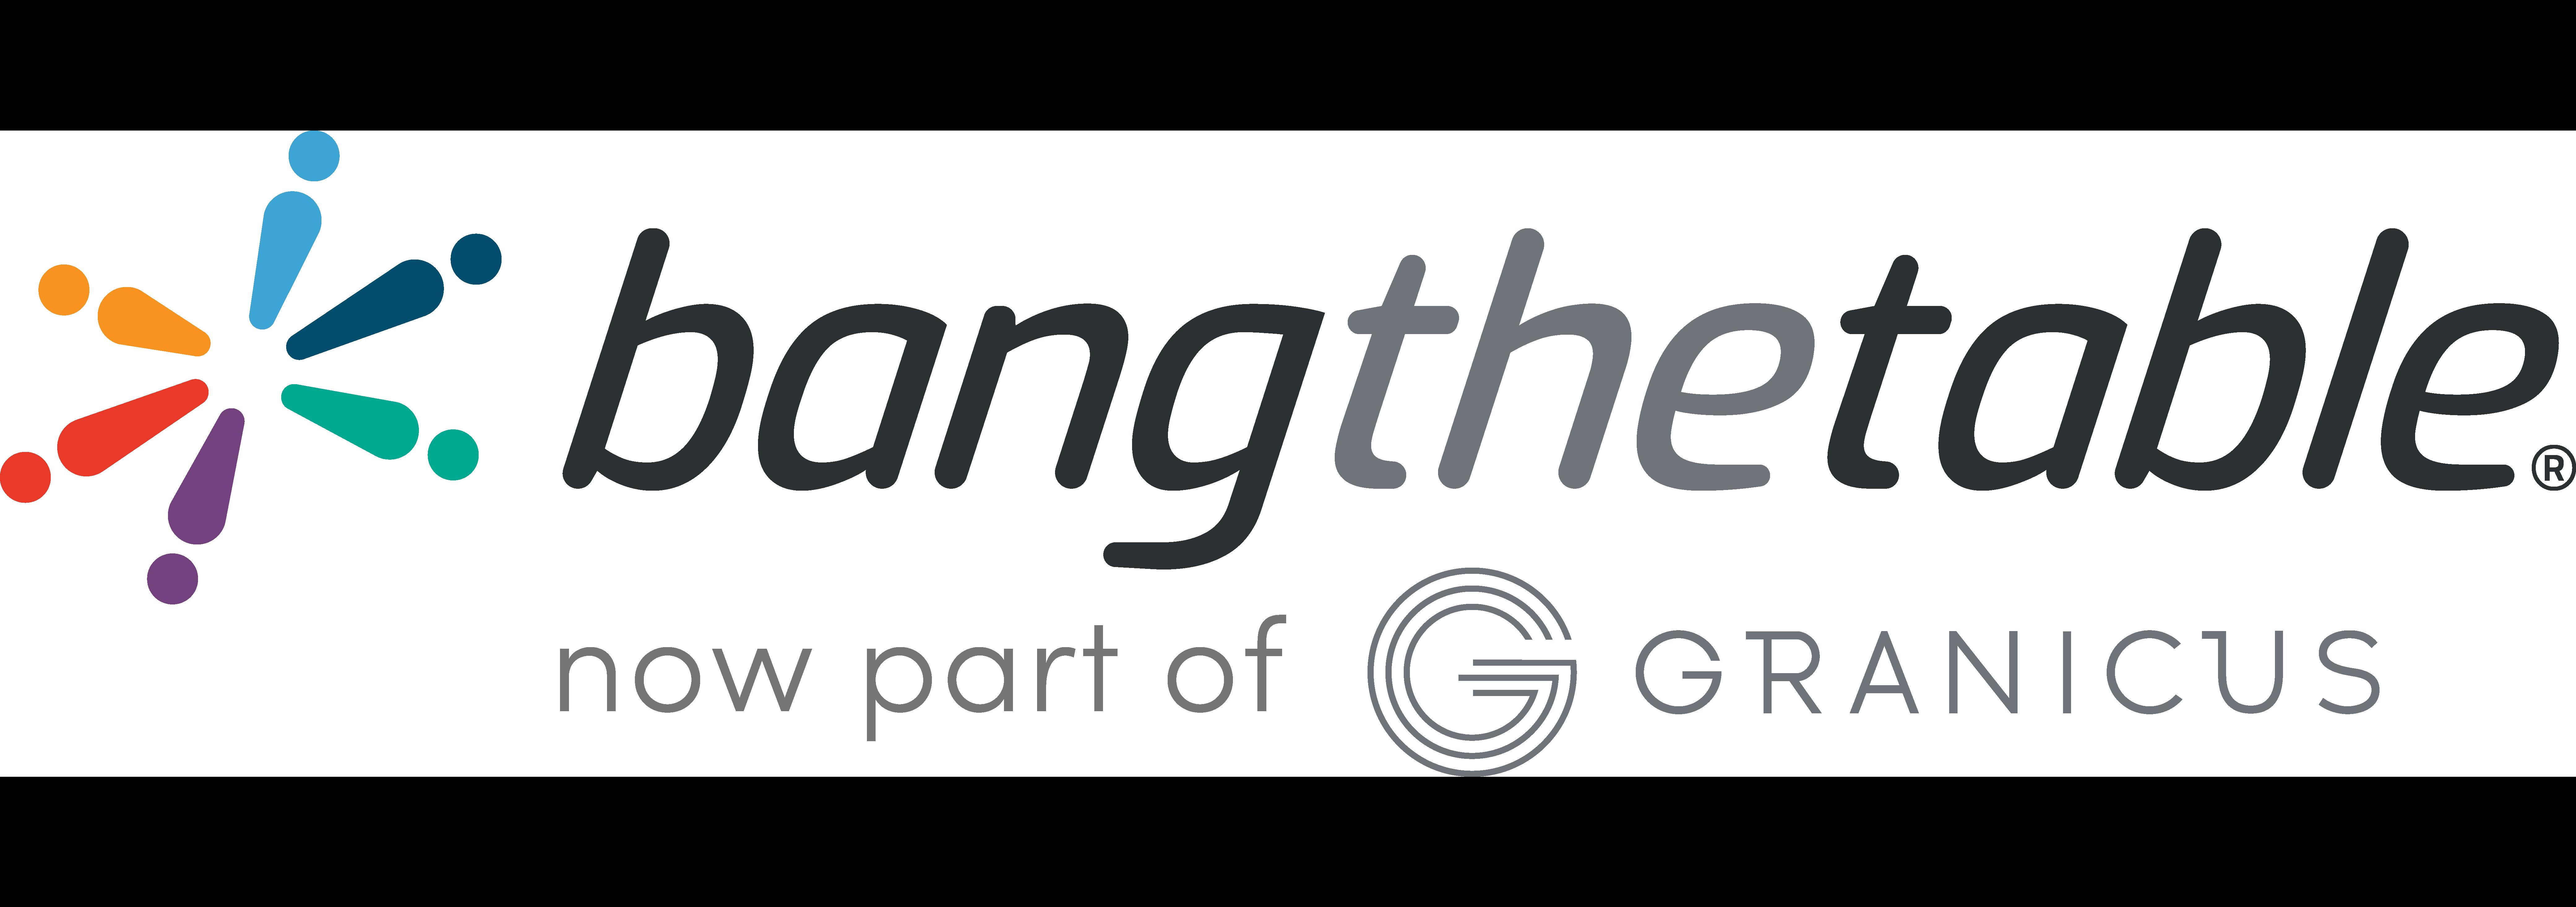 BtT-Granicus-Logo_sized for header padding